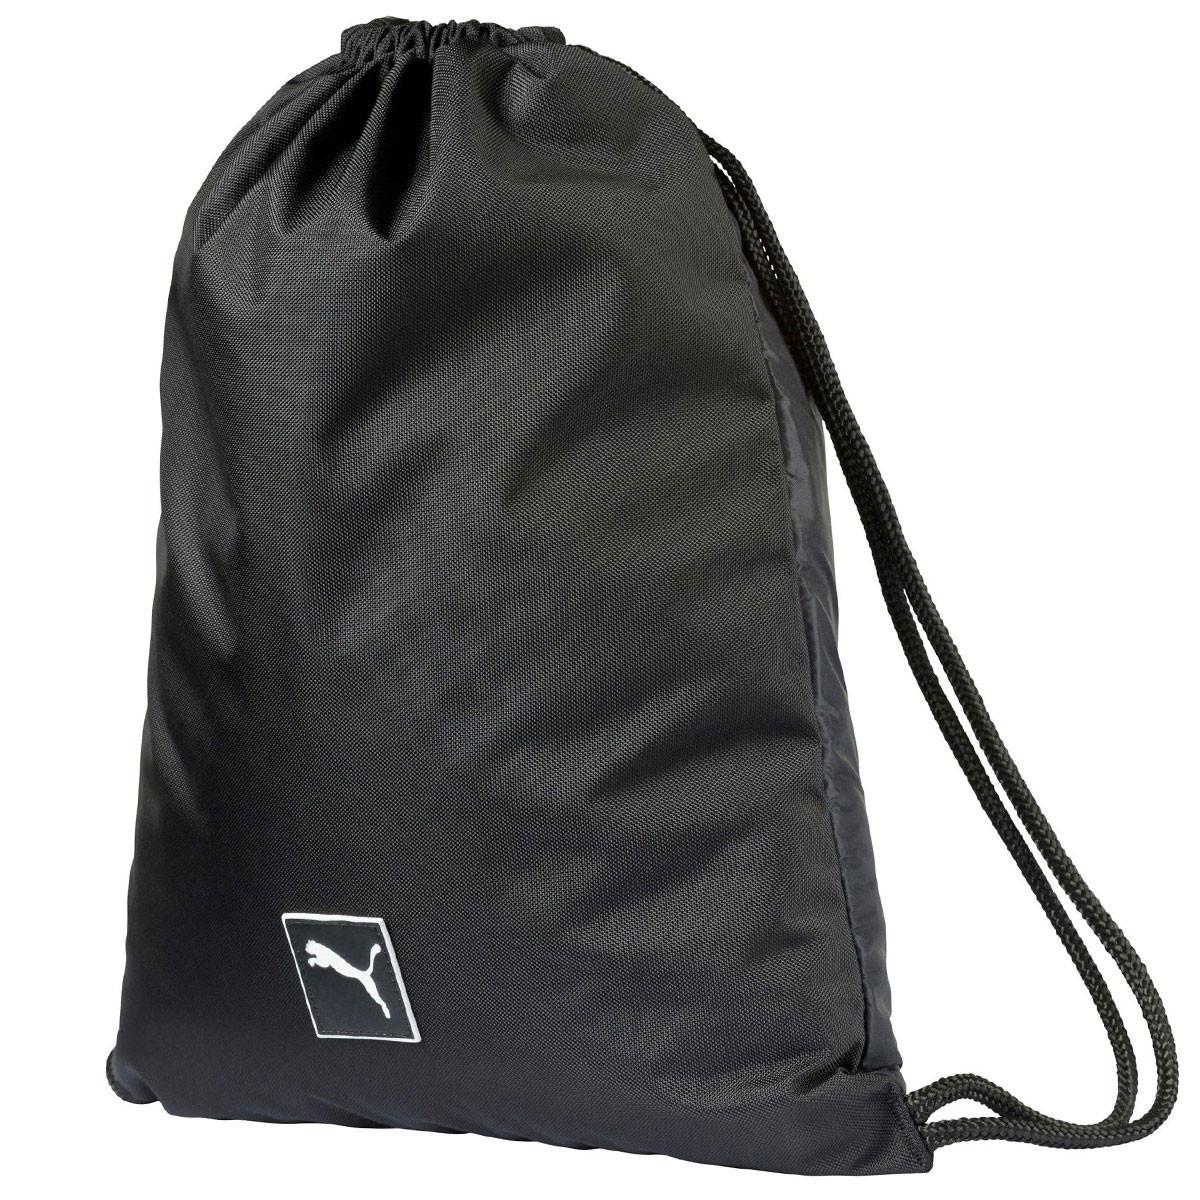 dfffe8f8d7 Puma Golf Tournament Carry Sack Drawstring Gym Bag - Golf Luggage ...